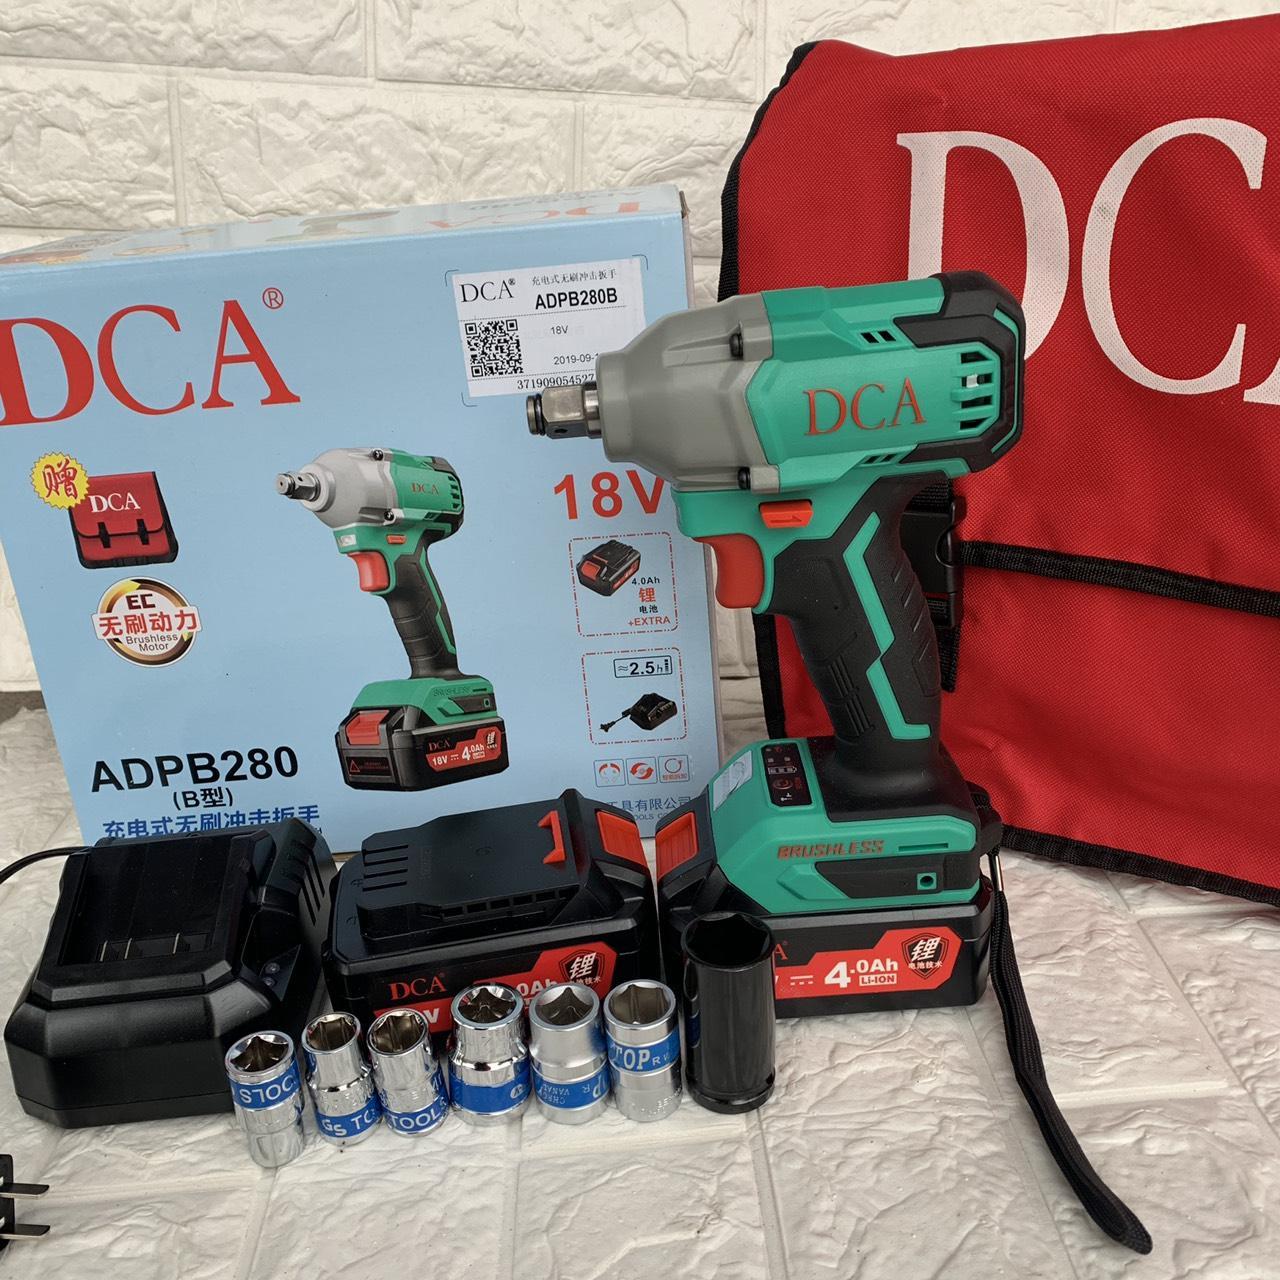 Máy Siết Bulong Pin DCA [ FULL BOX + BH 6 Tháng ] - Tặng 2 pin, 7 đầu khẩu, 1 đầu chuyển vít - không chổi than